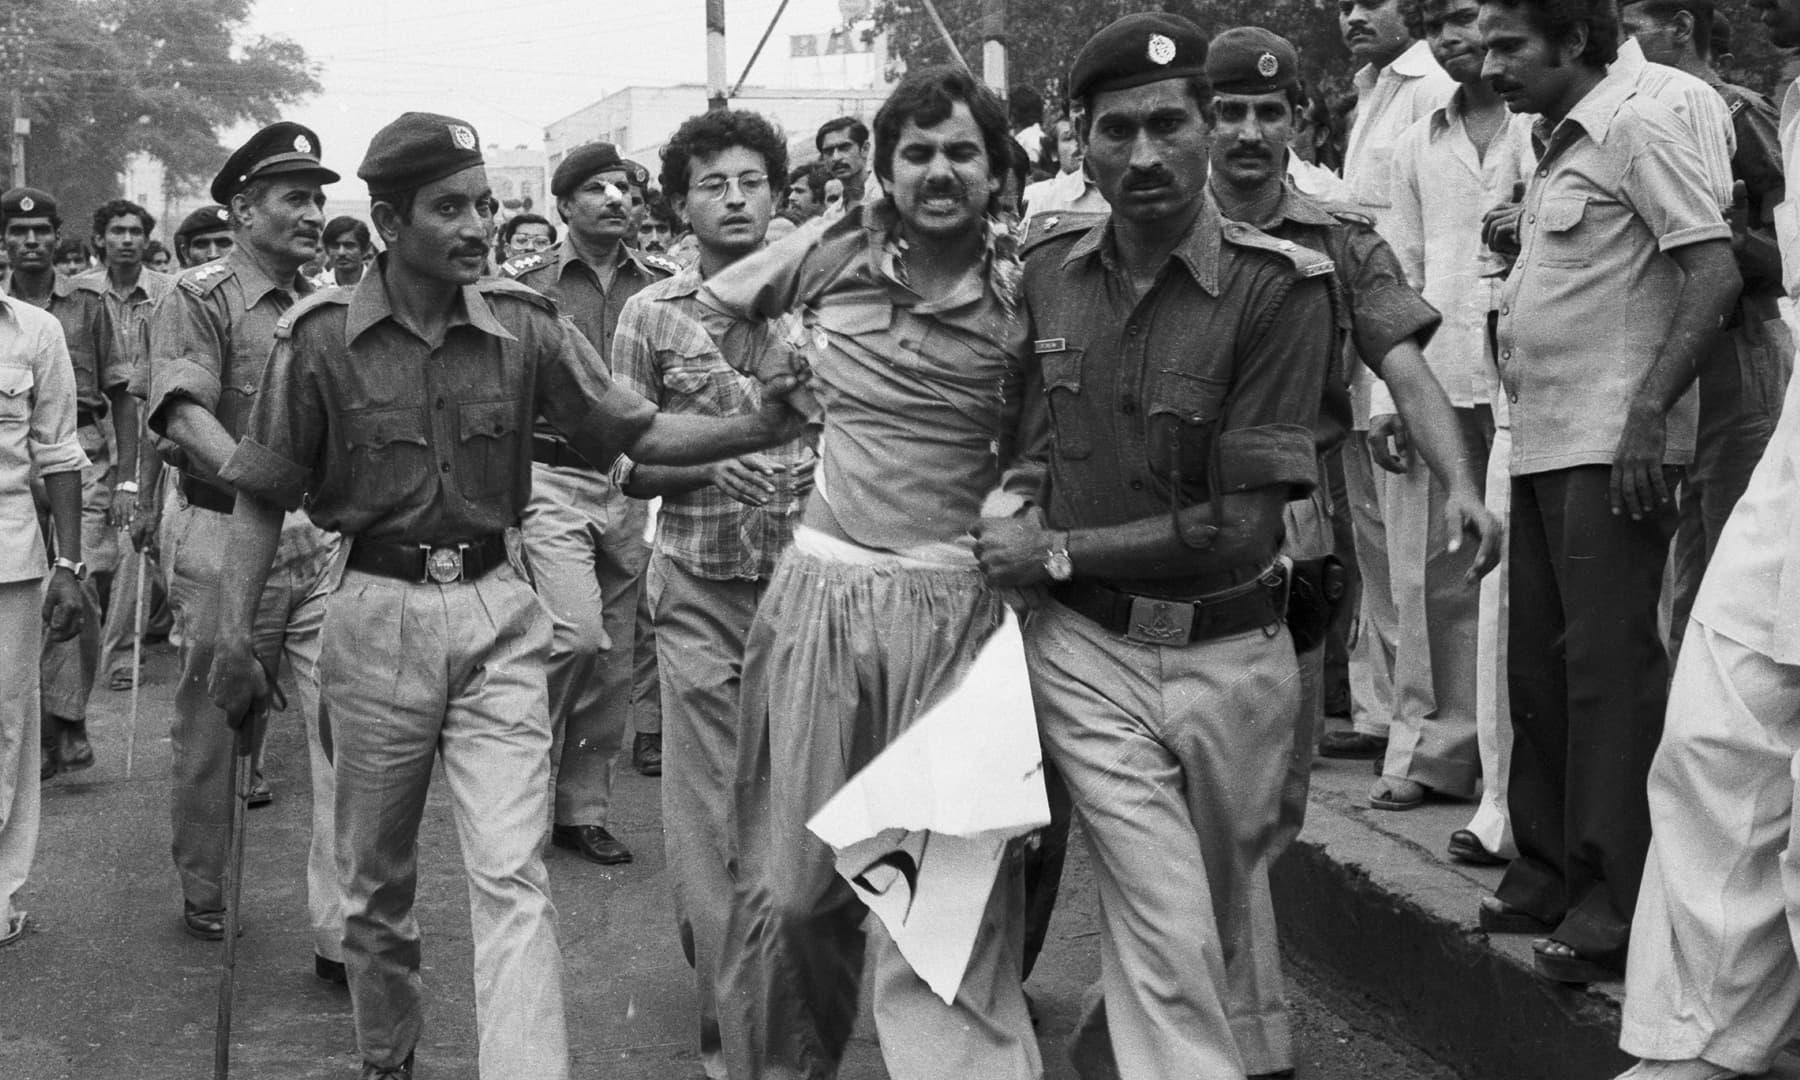 10 اگست 1978ء کو ریگل چوک پر فوجی آمر جنرل ضیا الحق کی جانب سے اخبارات اور صحافیوں کے خلاف کیے جانے والے بدترین کریک ڈاؤن کے خلاف پی ایف یو جے کی تاریخی تحریک کے دوران شفیع کلھوڑوی اور راجہ حسن اختر کو گرفتار کیا جا رہا ہے—سینئر فوٹوجرنلسٹ زاہد حسین